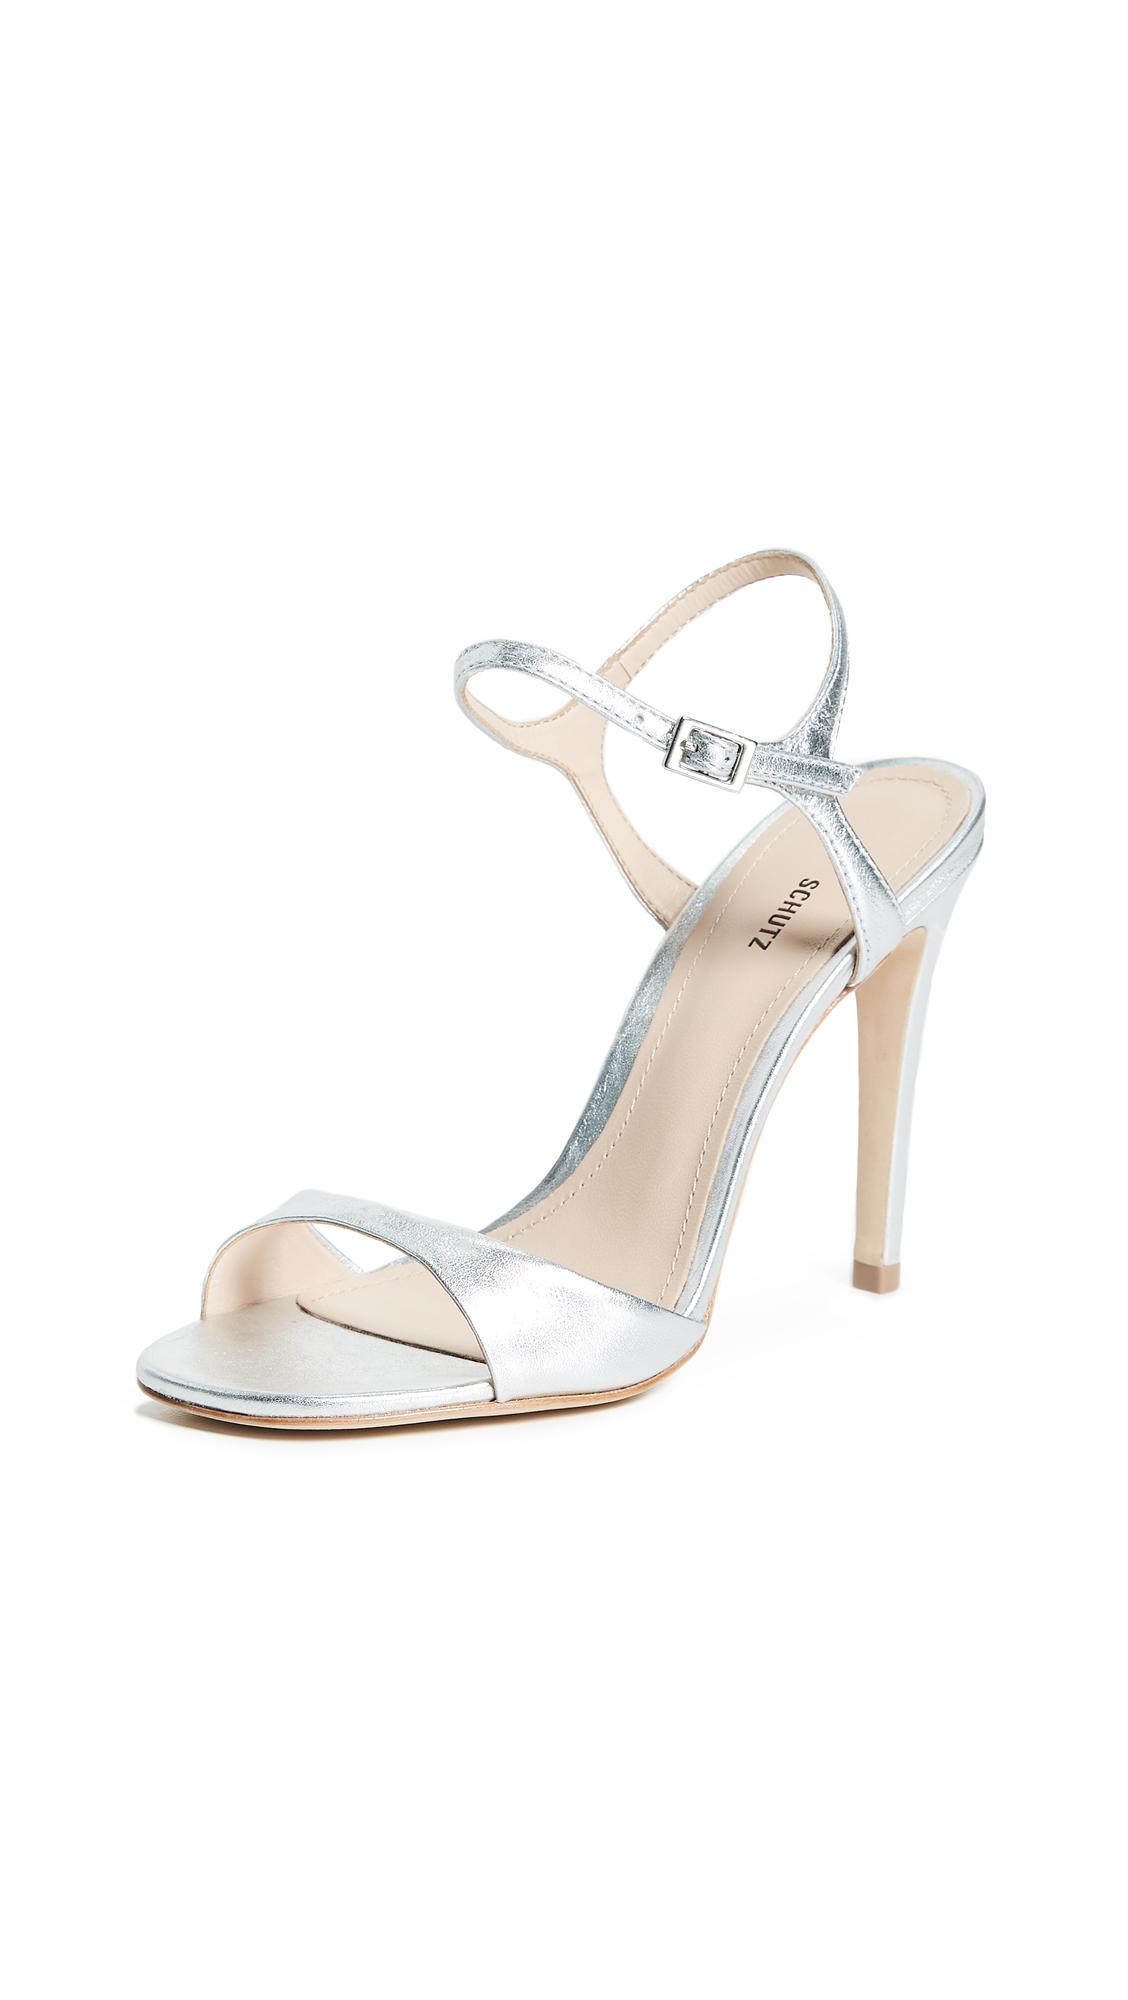 Schutz Jade Strappy Sandals - Prata